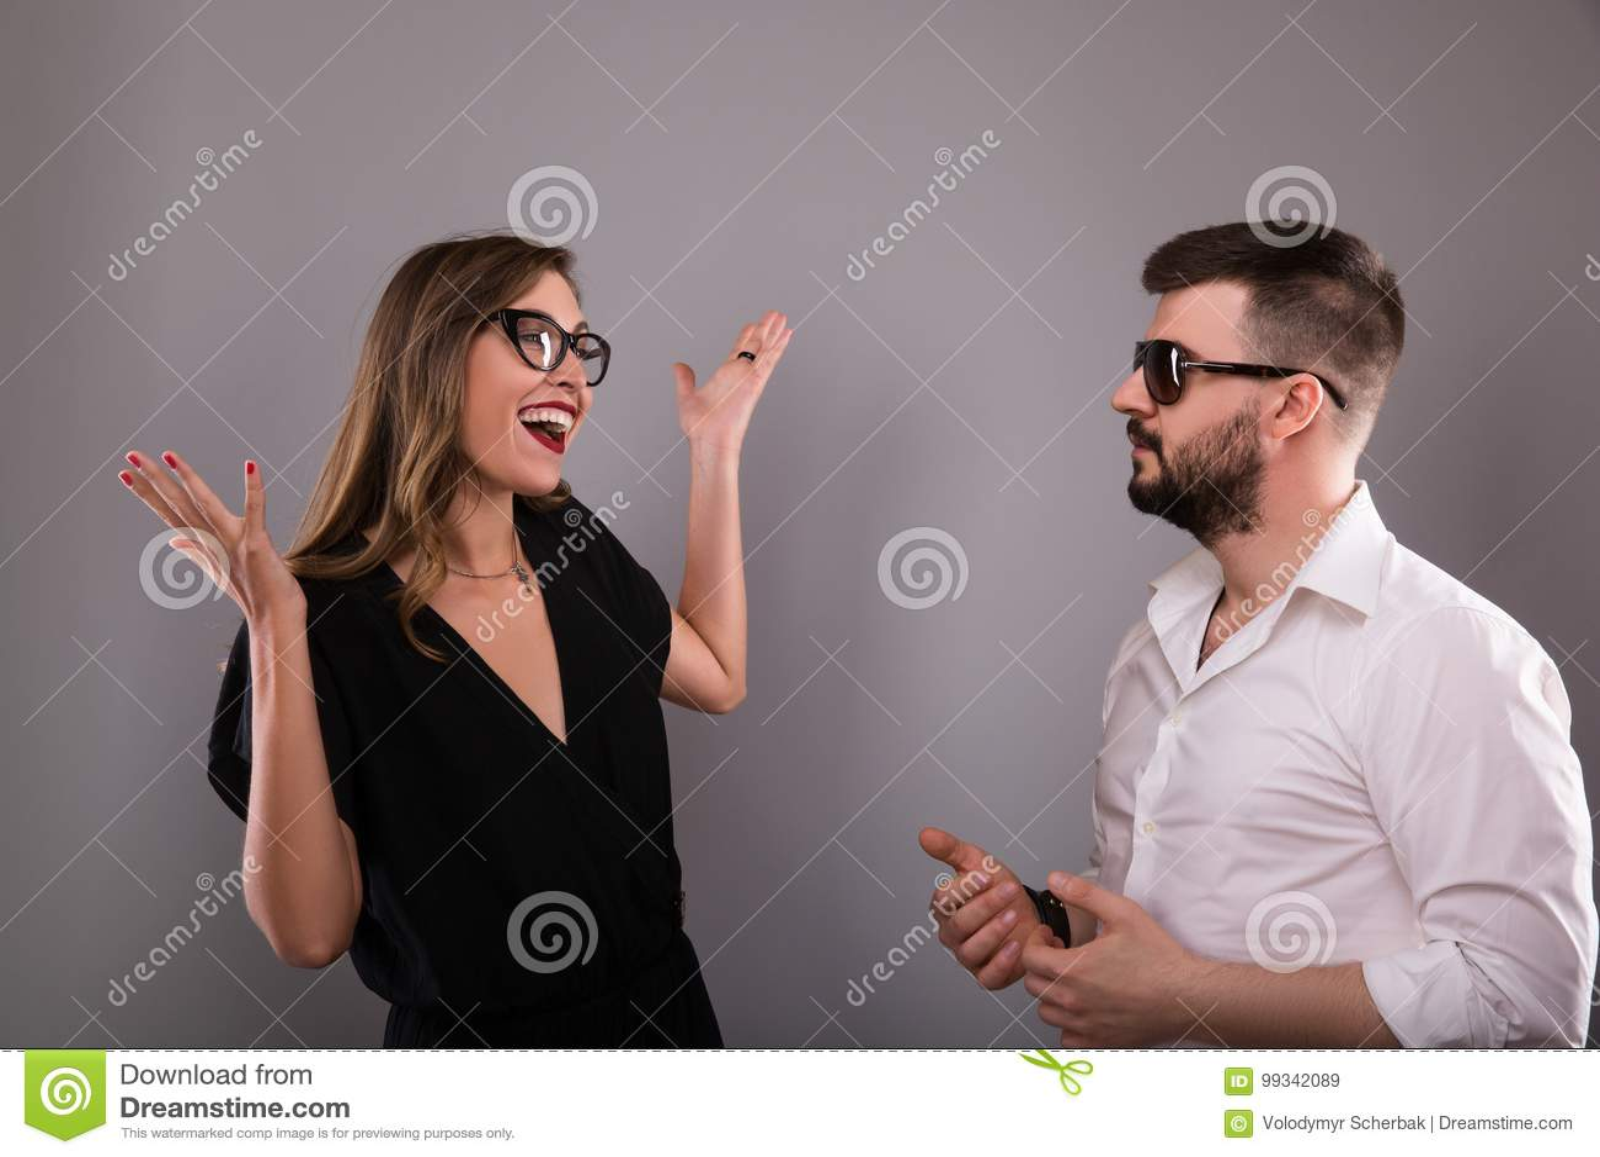 Femme disant avec émotion les actualités joyeuses à un homme